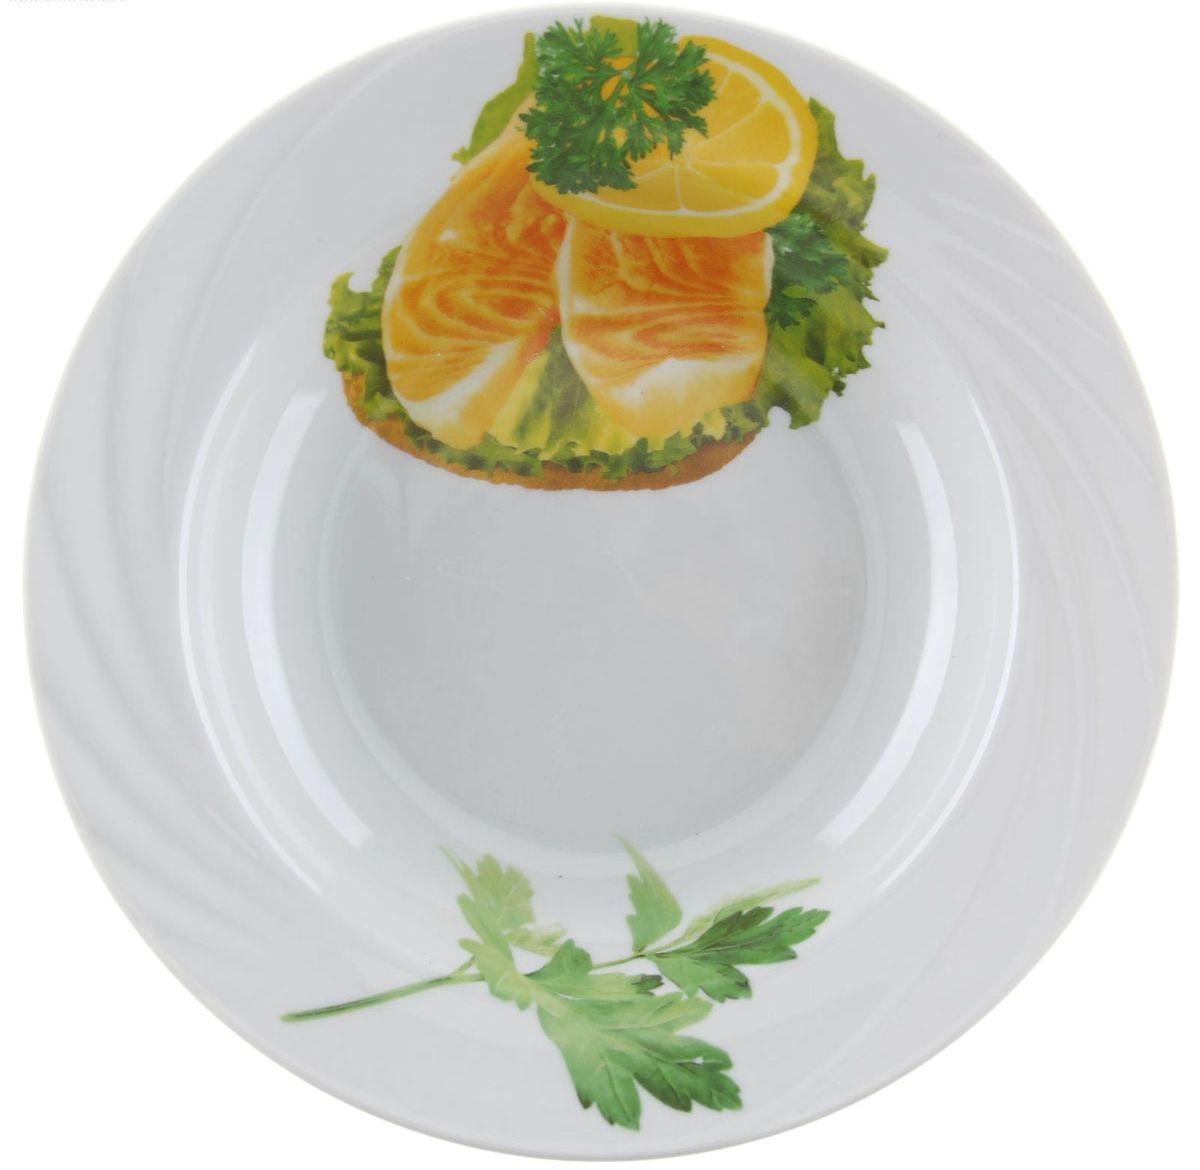 Тарелка глубокая Голубка. Бутерброды, диаметр 20 см1303755Глубокая тарелка Голубка. Бутерброды выполнена из высококачественного фарфора и оформлена изображением бутербродов с рыбой. Изделие сочетает в себе изысканный дизайн с максимальной функциональностью. Она прекрасно впишется в интерьер вашей кухни и станет достойным дополнением к кухонному инвентарю. Тарелка Голубка. Бутерброды подчеркнет прекрасный вкус хозяйки и станет отличным подарком. Диаметр: 20 см.